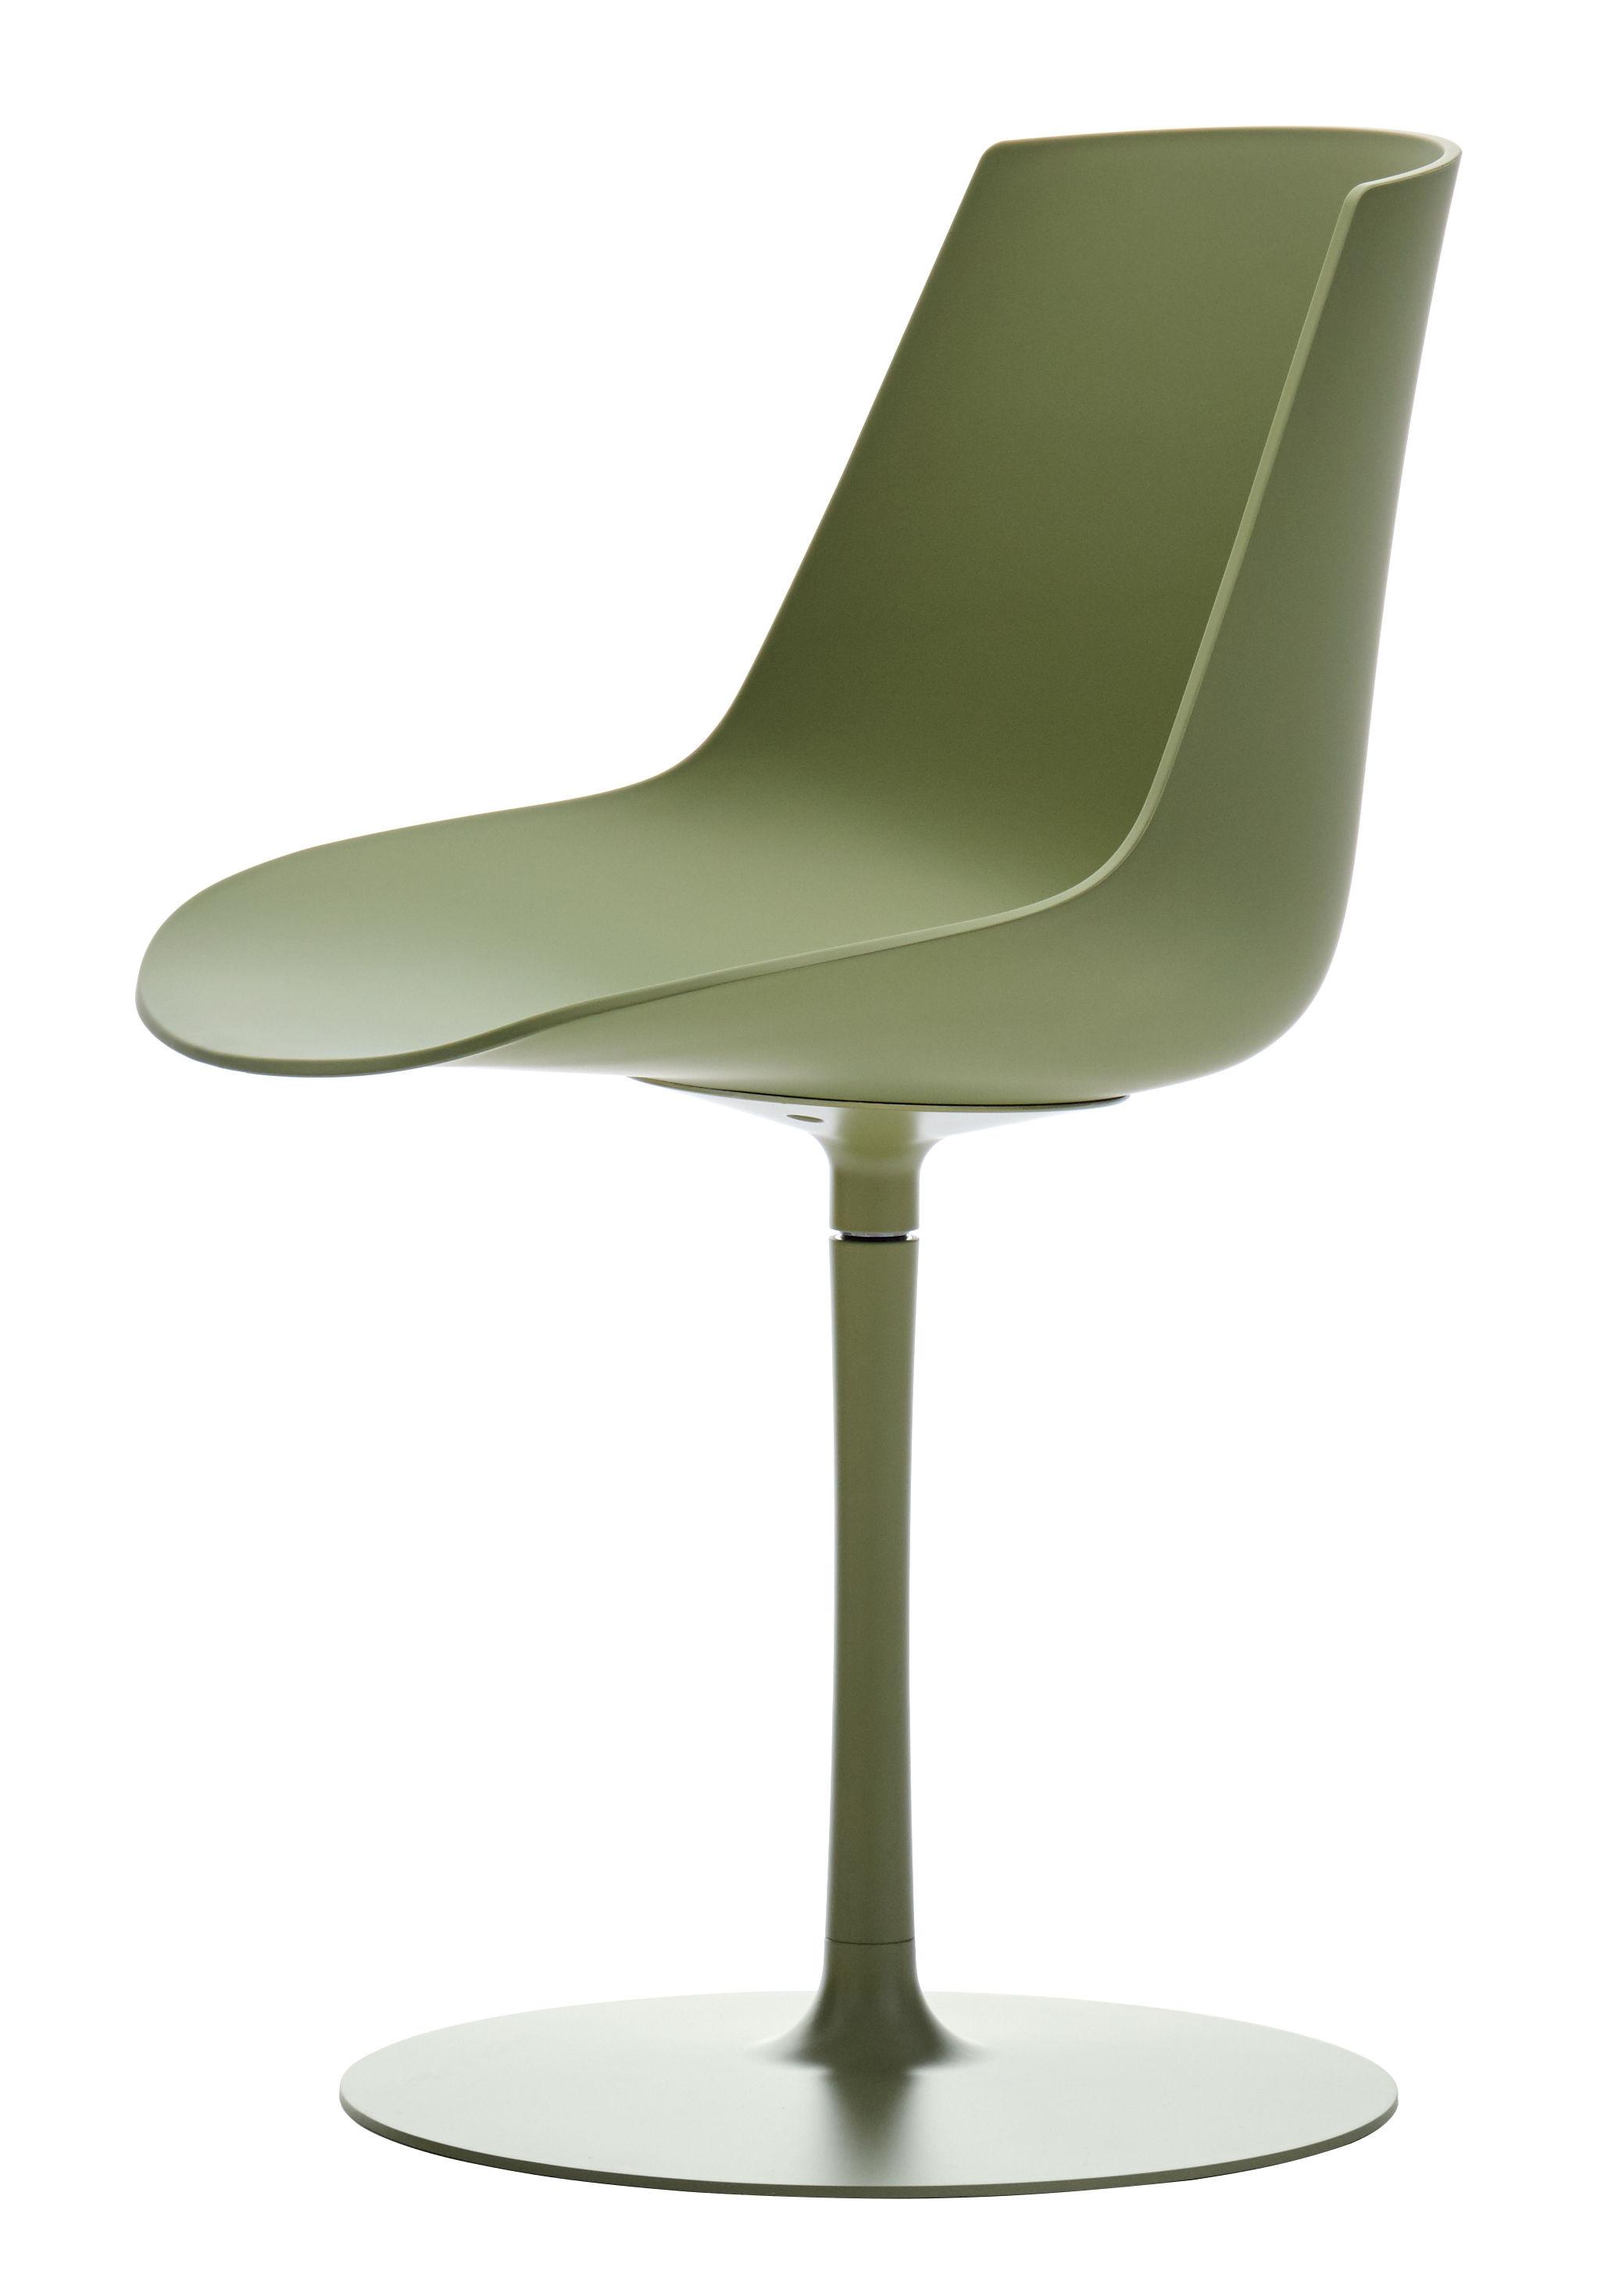 Mobilier - Chaises, fauteuils de salle à manger - Chaise pivotante Flow Color / Pied central - MDF Italia - Olive - Aluminium époxy, Polycarbonate